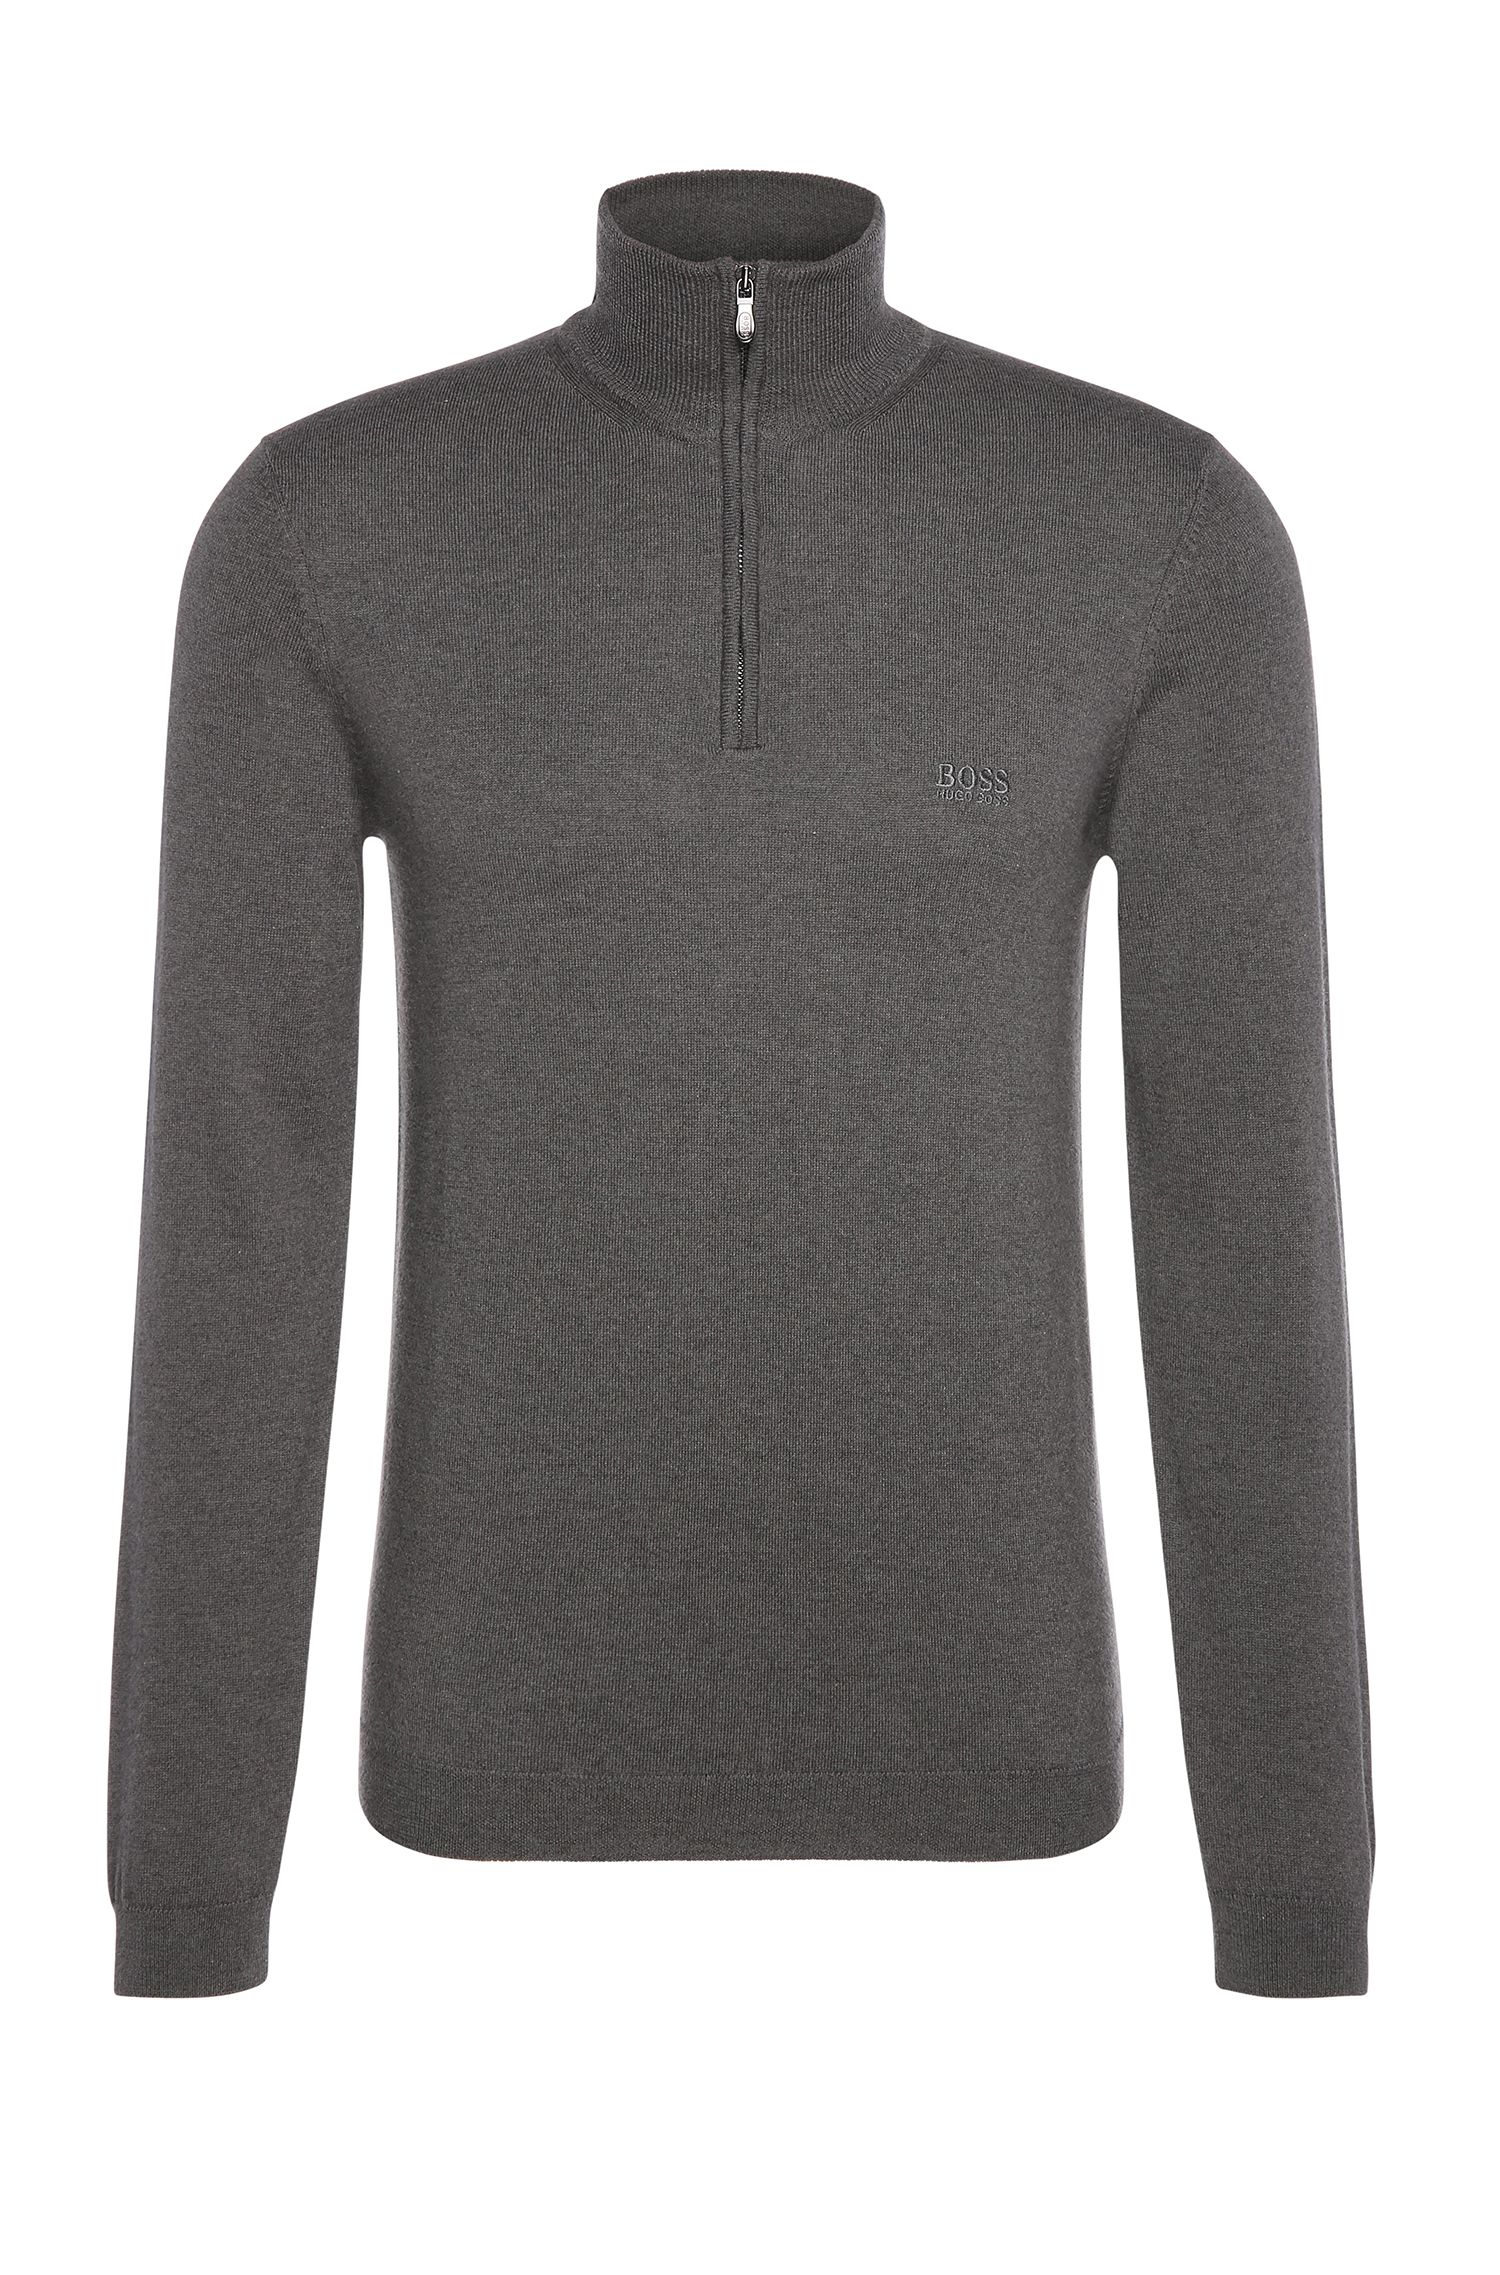 Maglione a collo alto in misto lana vergine con cotone: